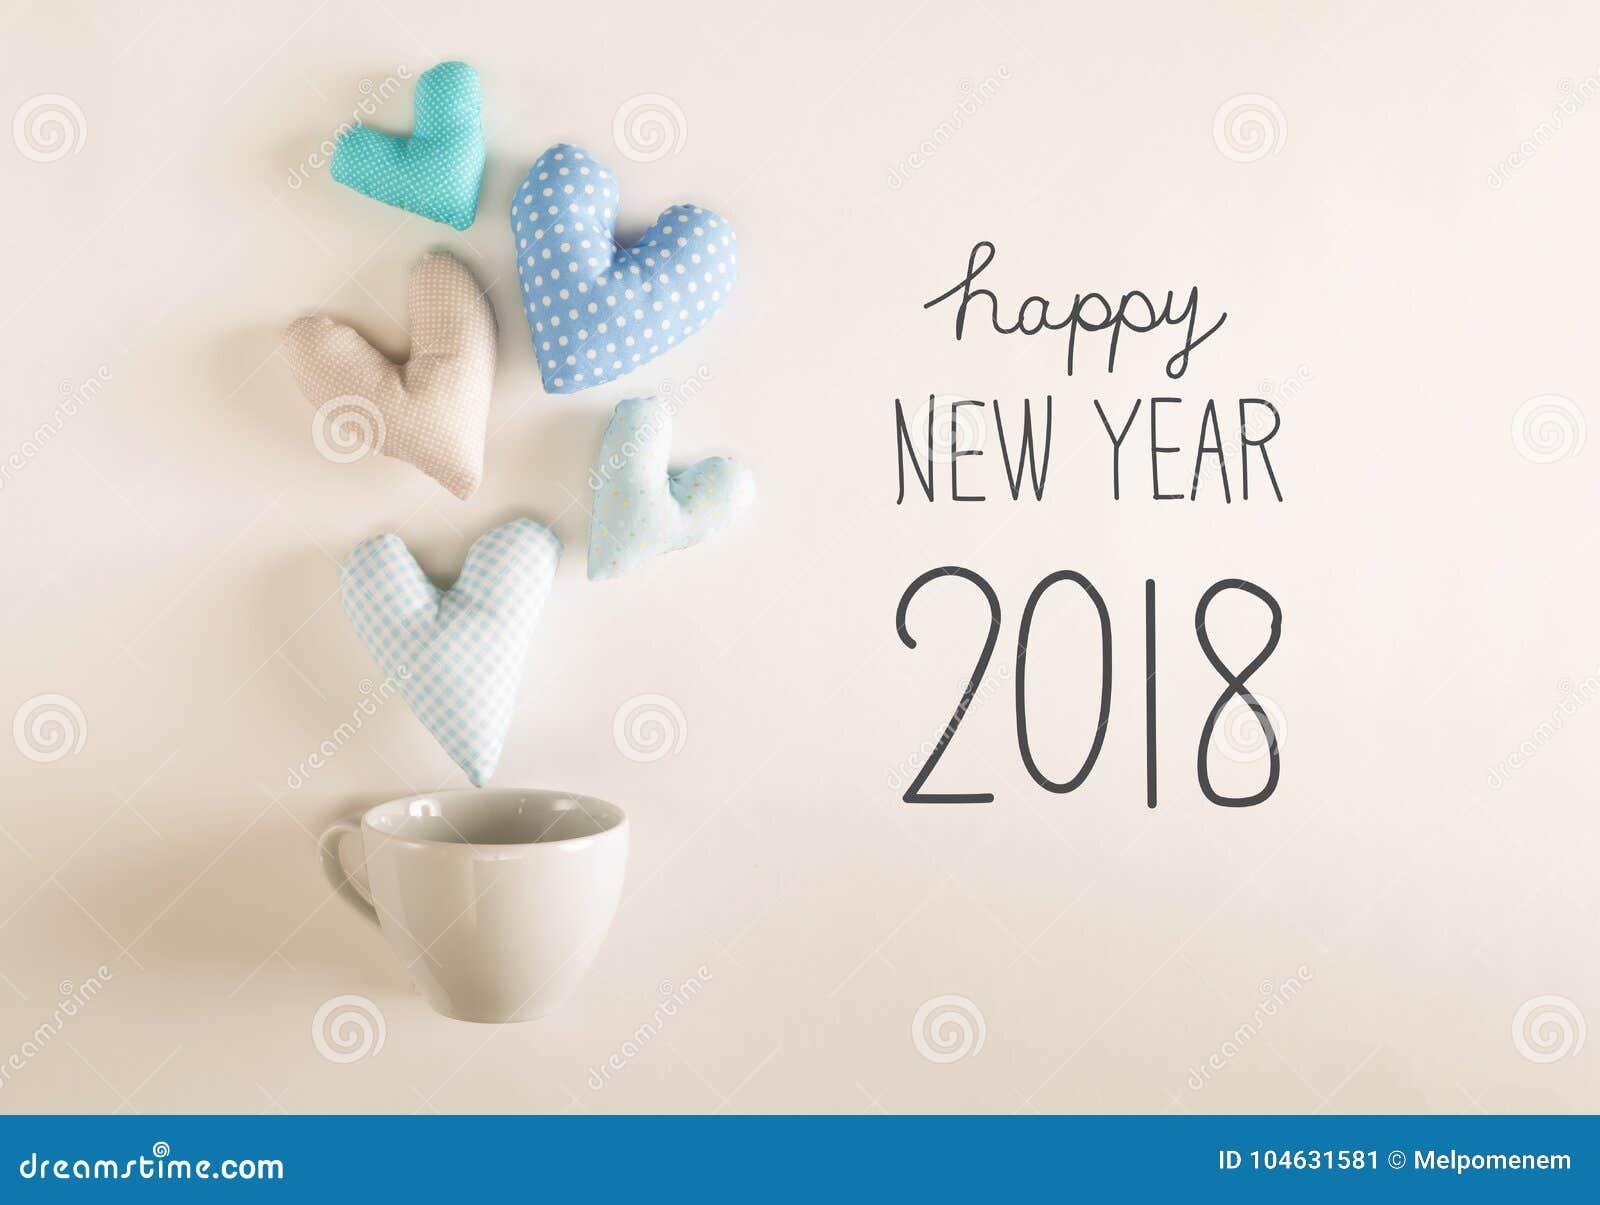 Download Nieuwjaar 2018 Bericht Met Blauwe Hartkussens Stock Afbeelding - Afbeelding bestaande uit winter, handmade: 104631581